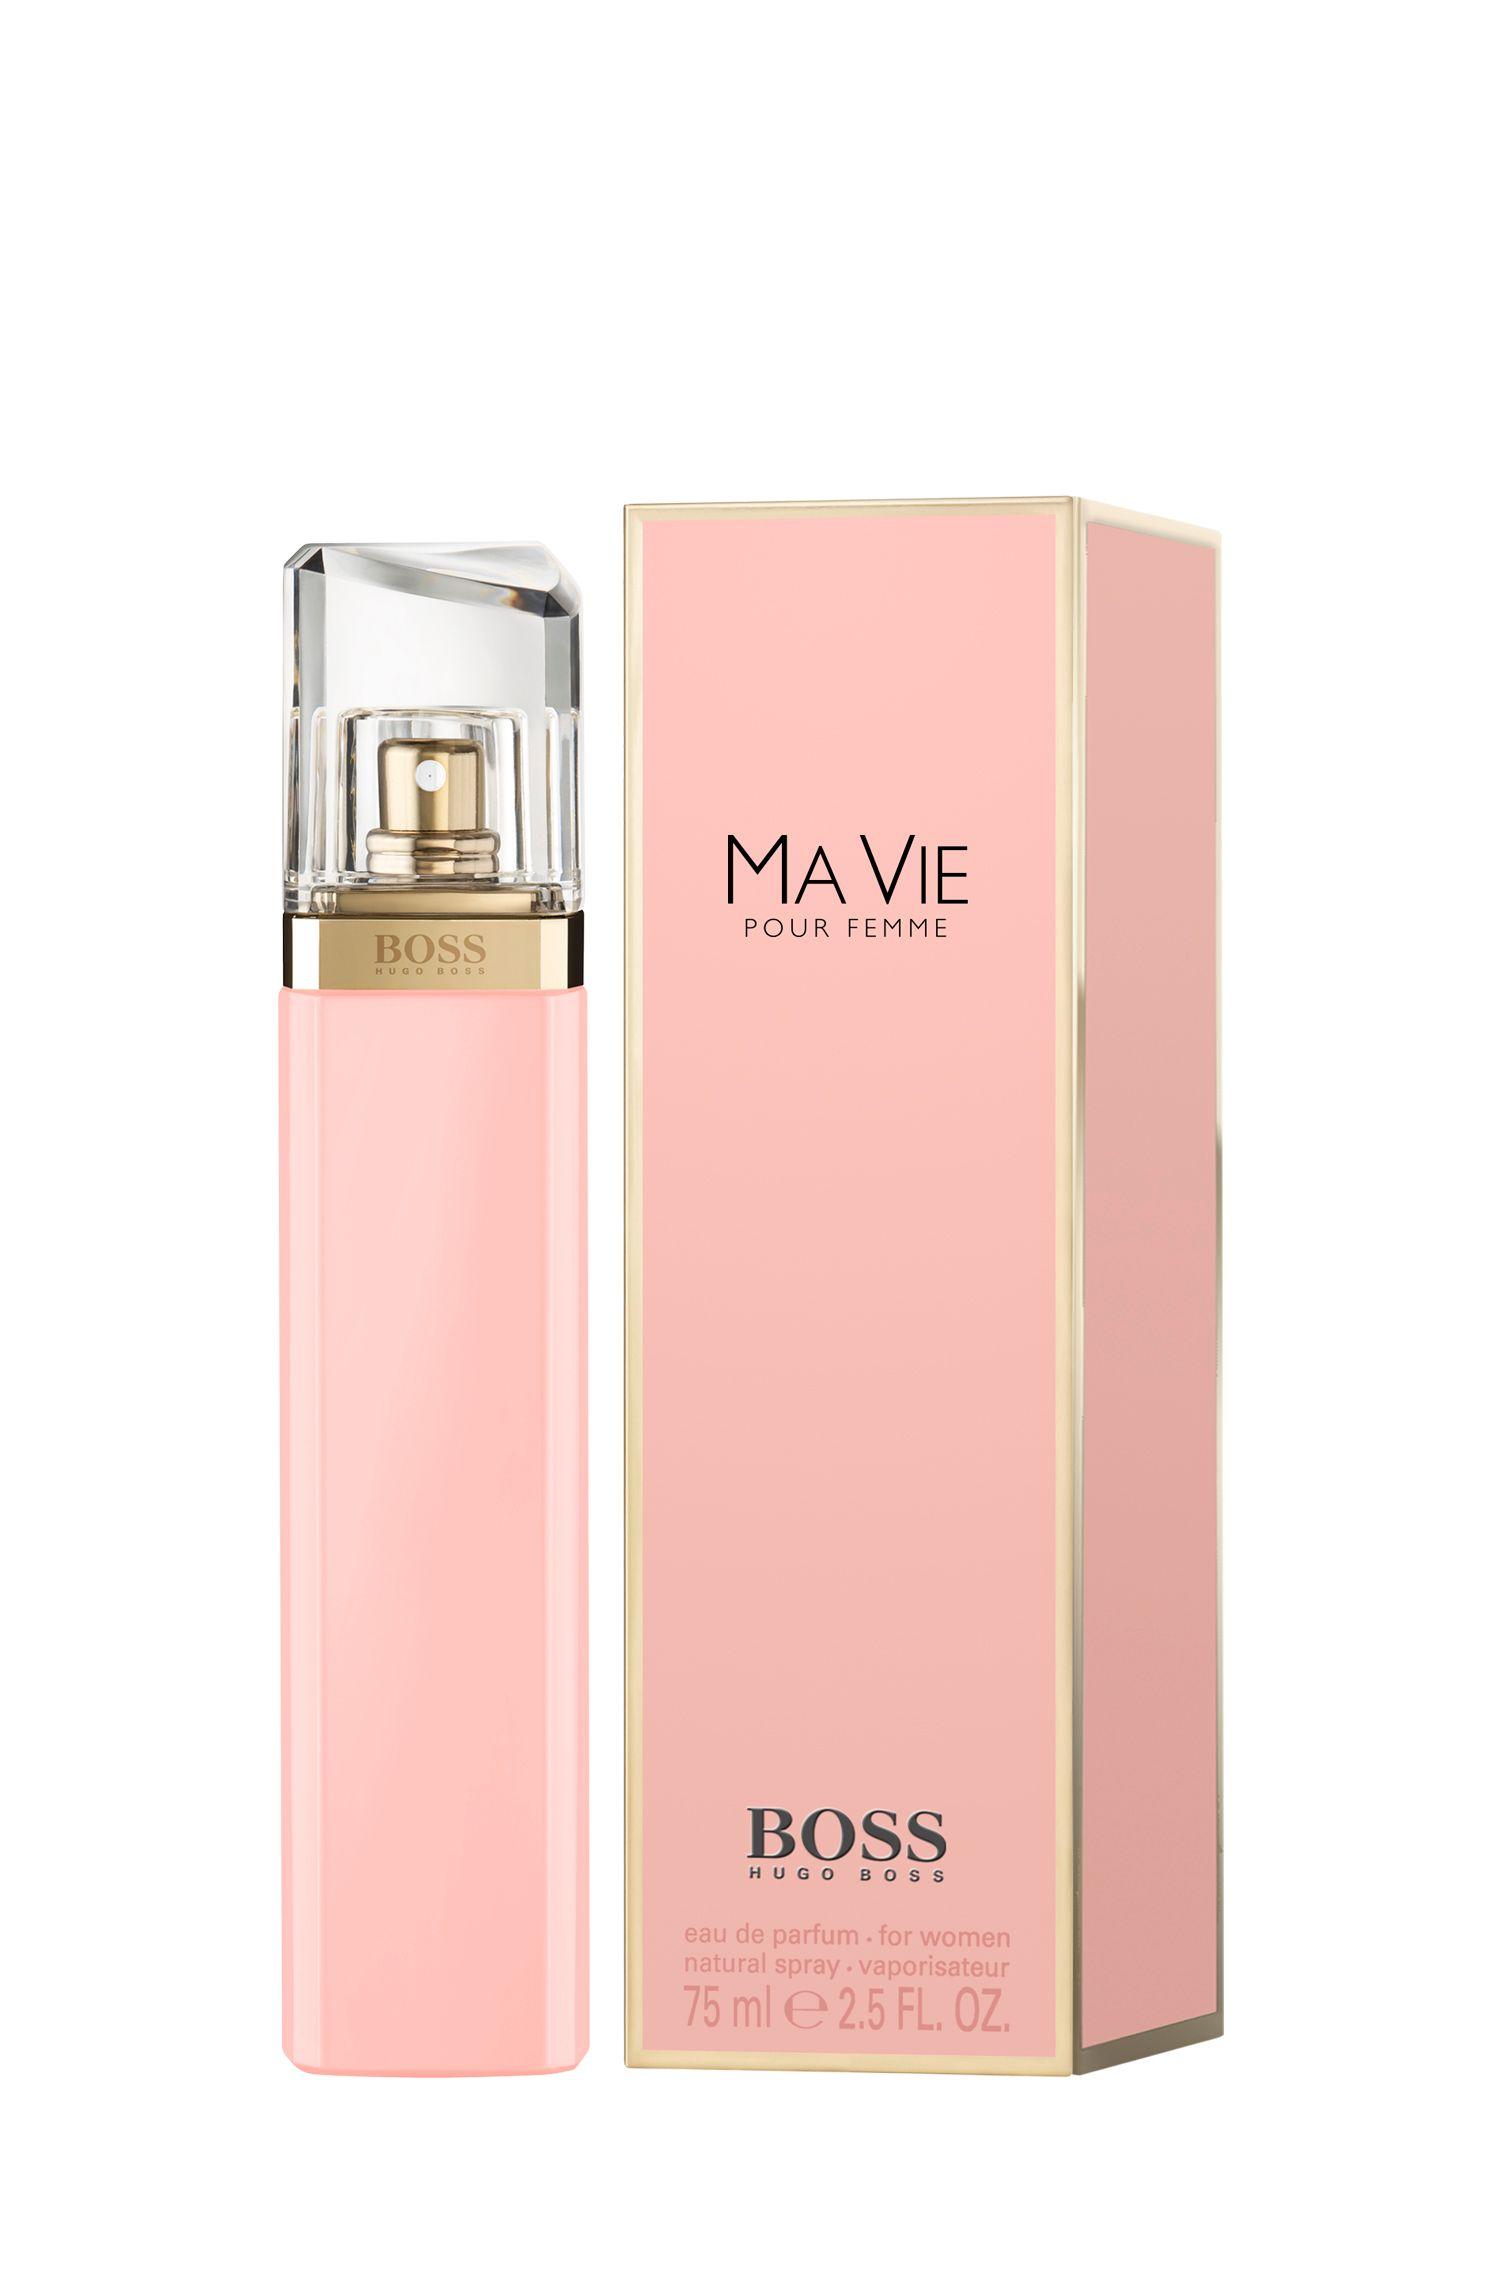 BOSS Ma Vie Pour Femme Eau de Parfum 75ml, Assorted-Pre-Pack